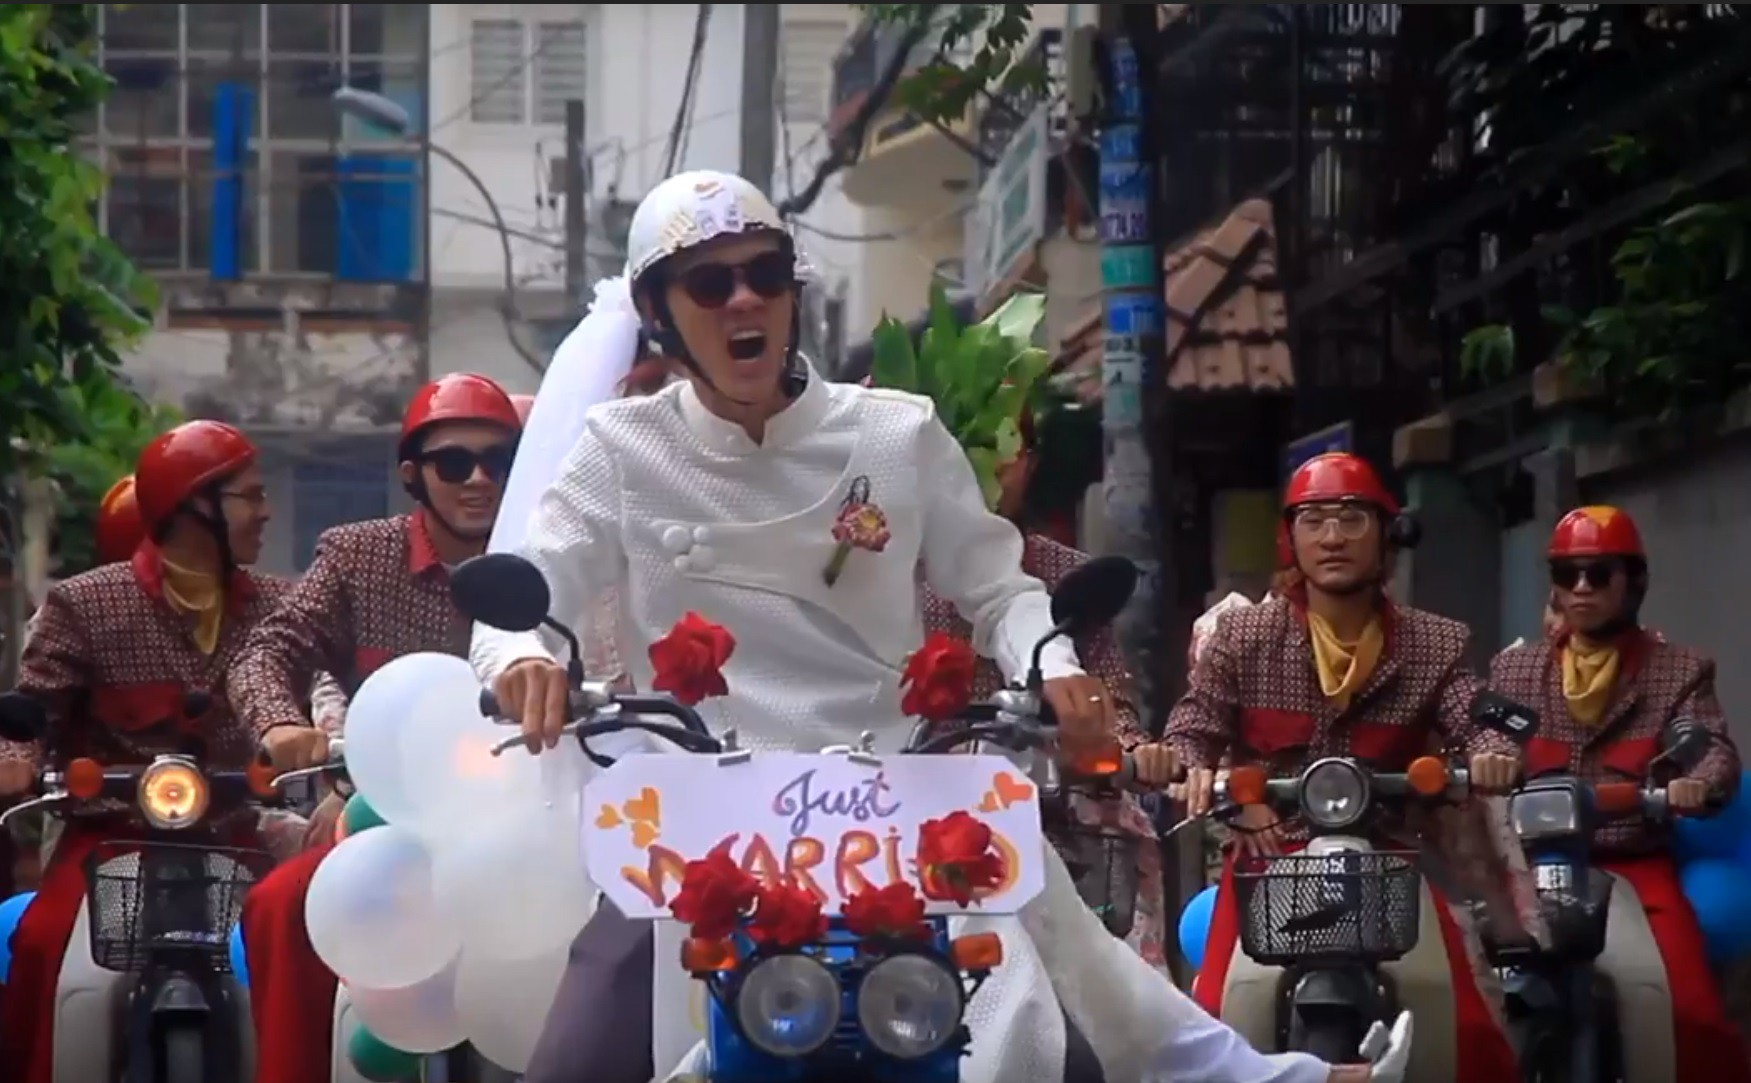 Đội hình rước dâu bằng xe cub.